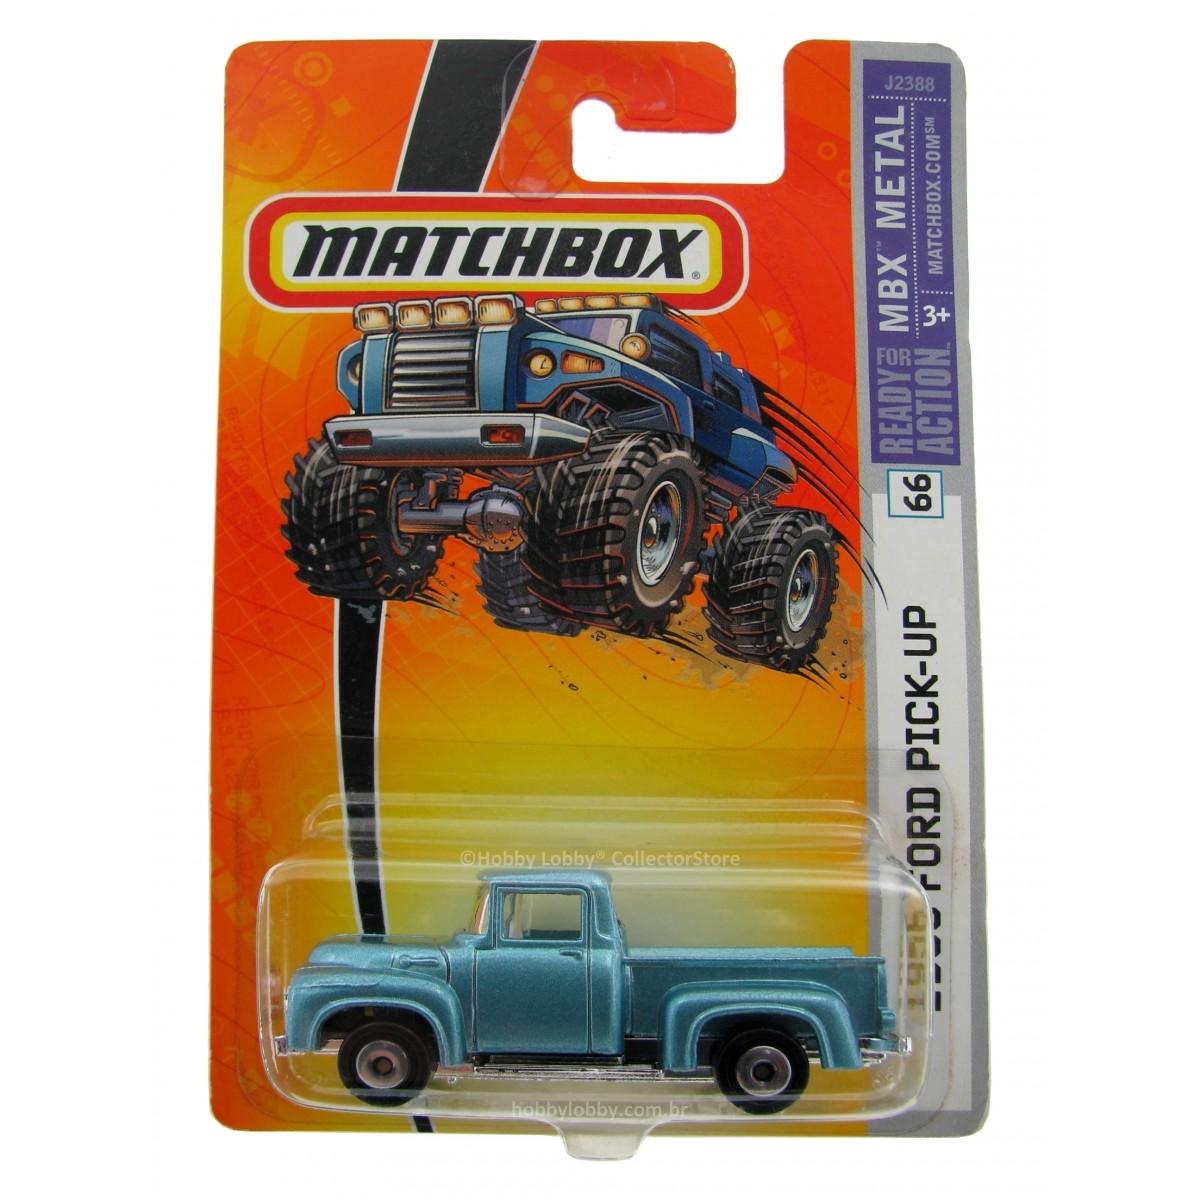 Matchbox - Coleção 2006 - 1956 Ford Pick-up